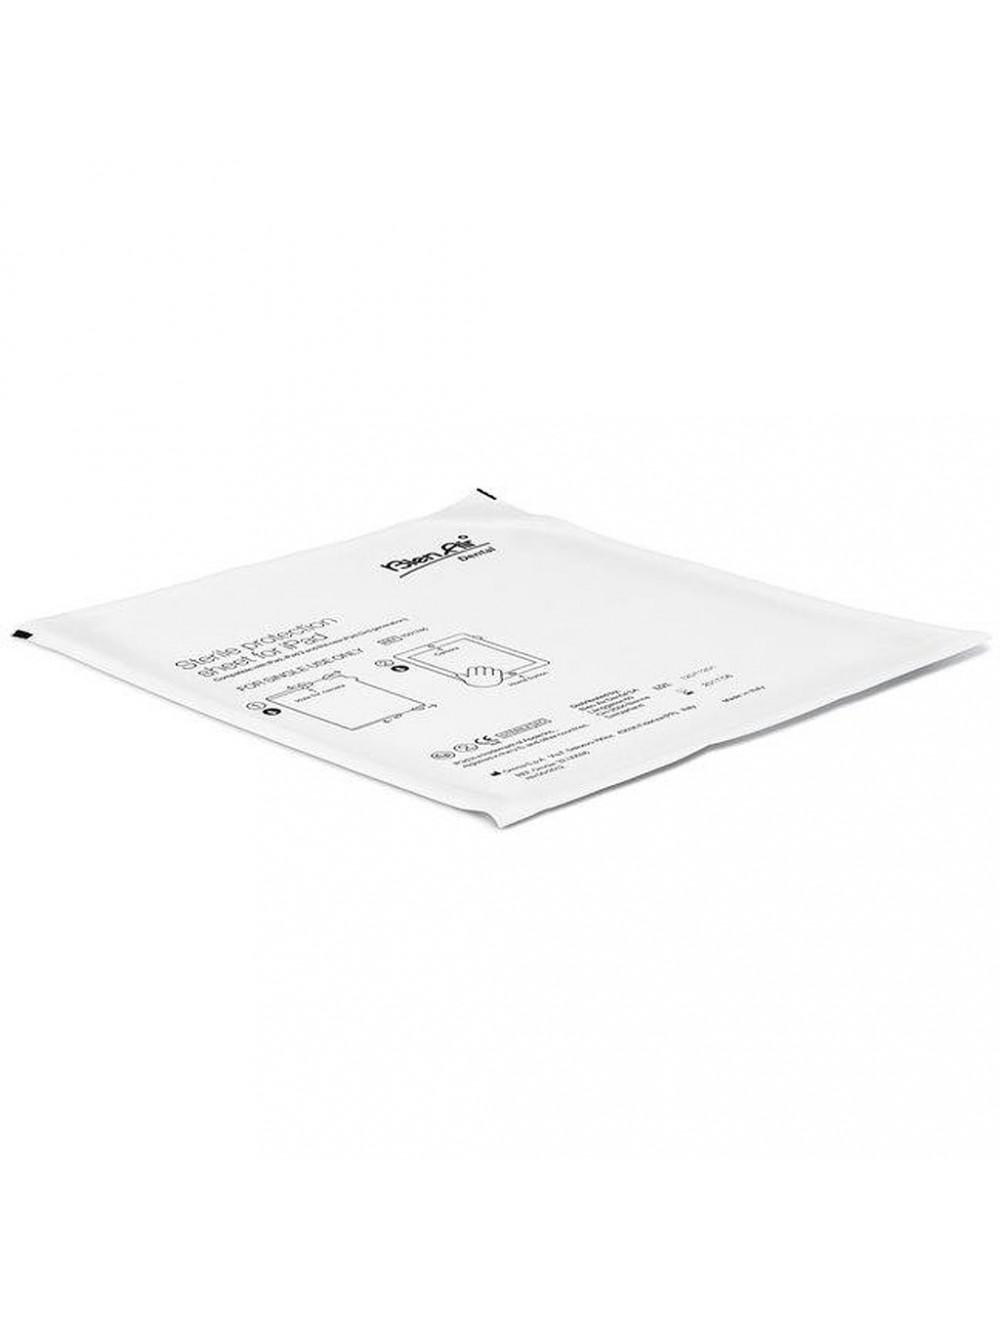 Bien-Air Sterile iPad-Einwegschutzfolien 1501746-010